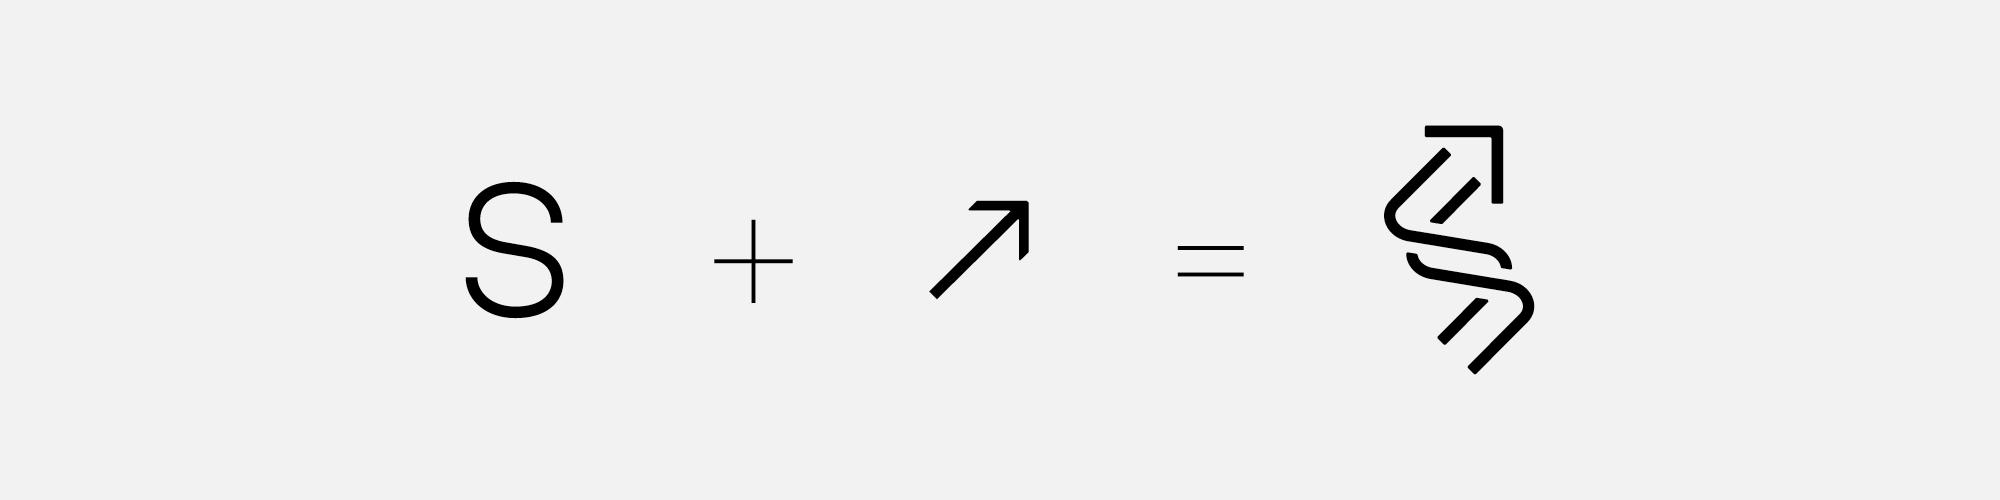 hyva_logo.jpg